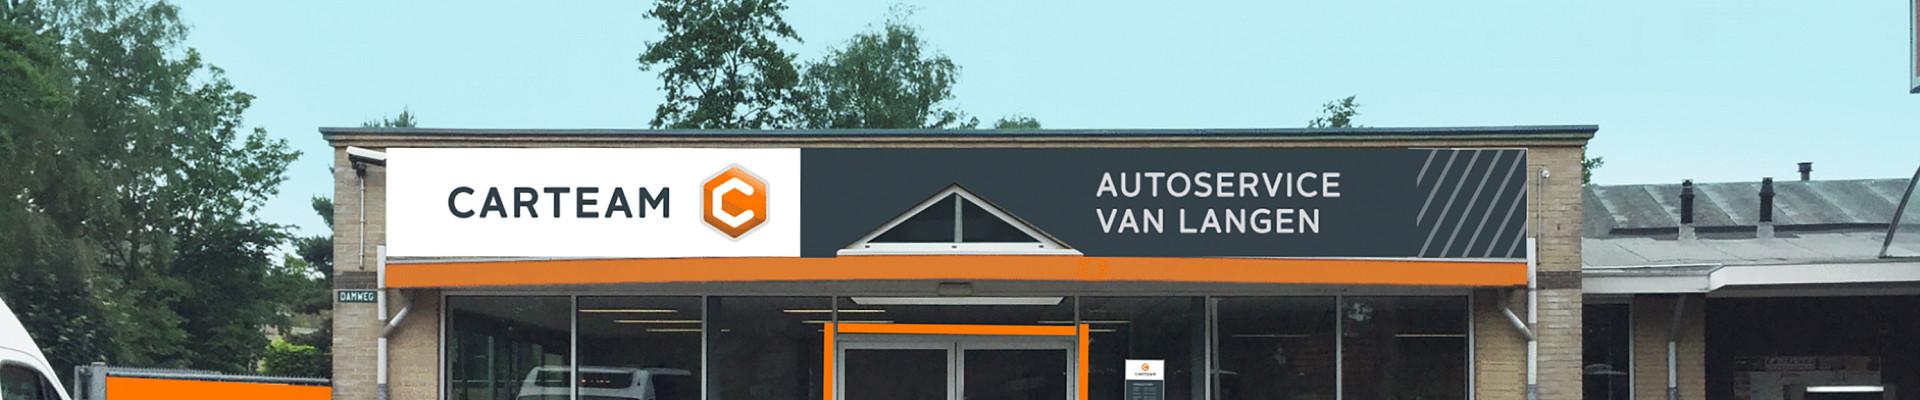 Carteam Autoservice van Langen